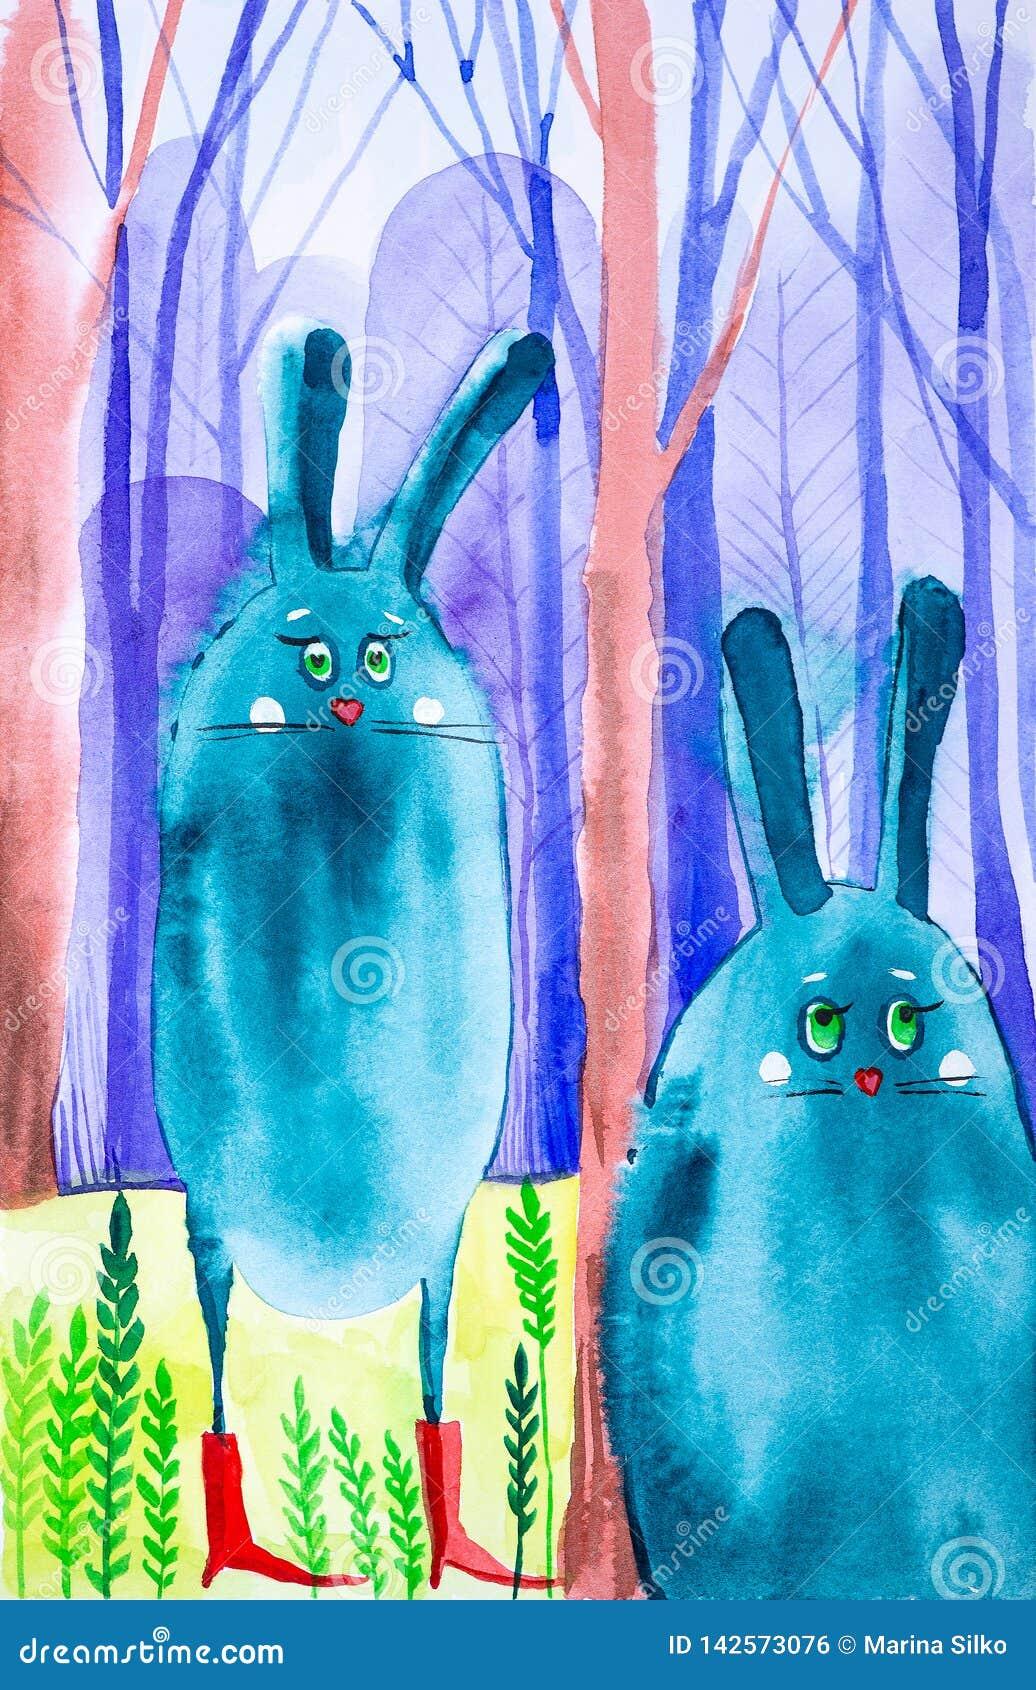 Abstrakta droppe-kaniner fick förlorade i en felik skog bland träd Ett av dem bär röda kängor Komisk vattenfärgillustration